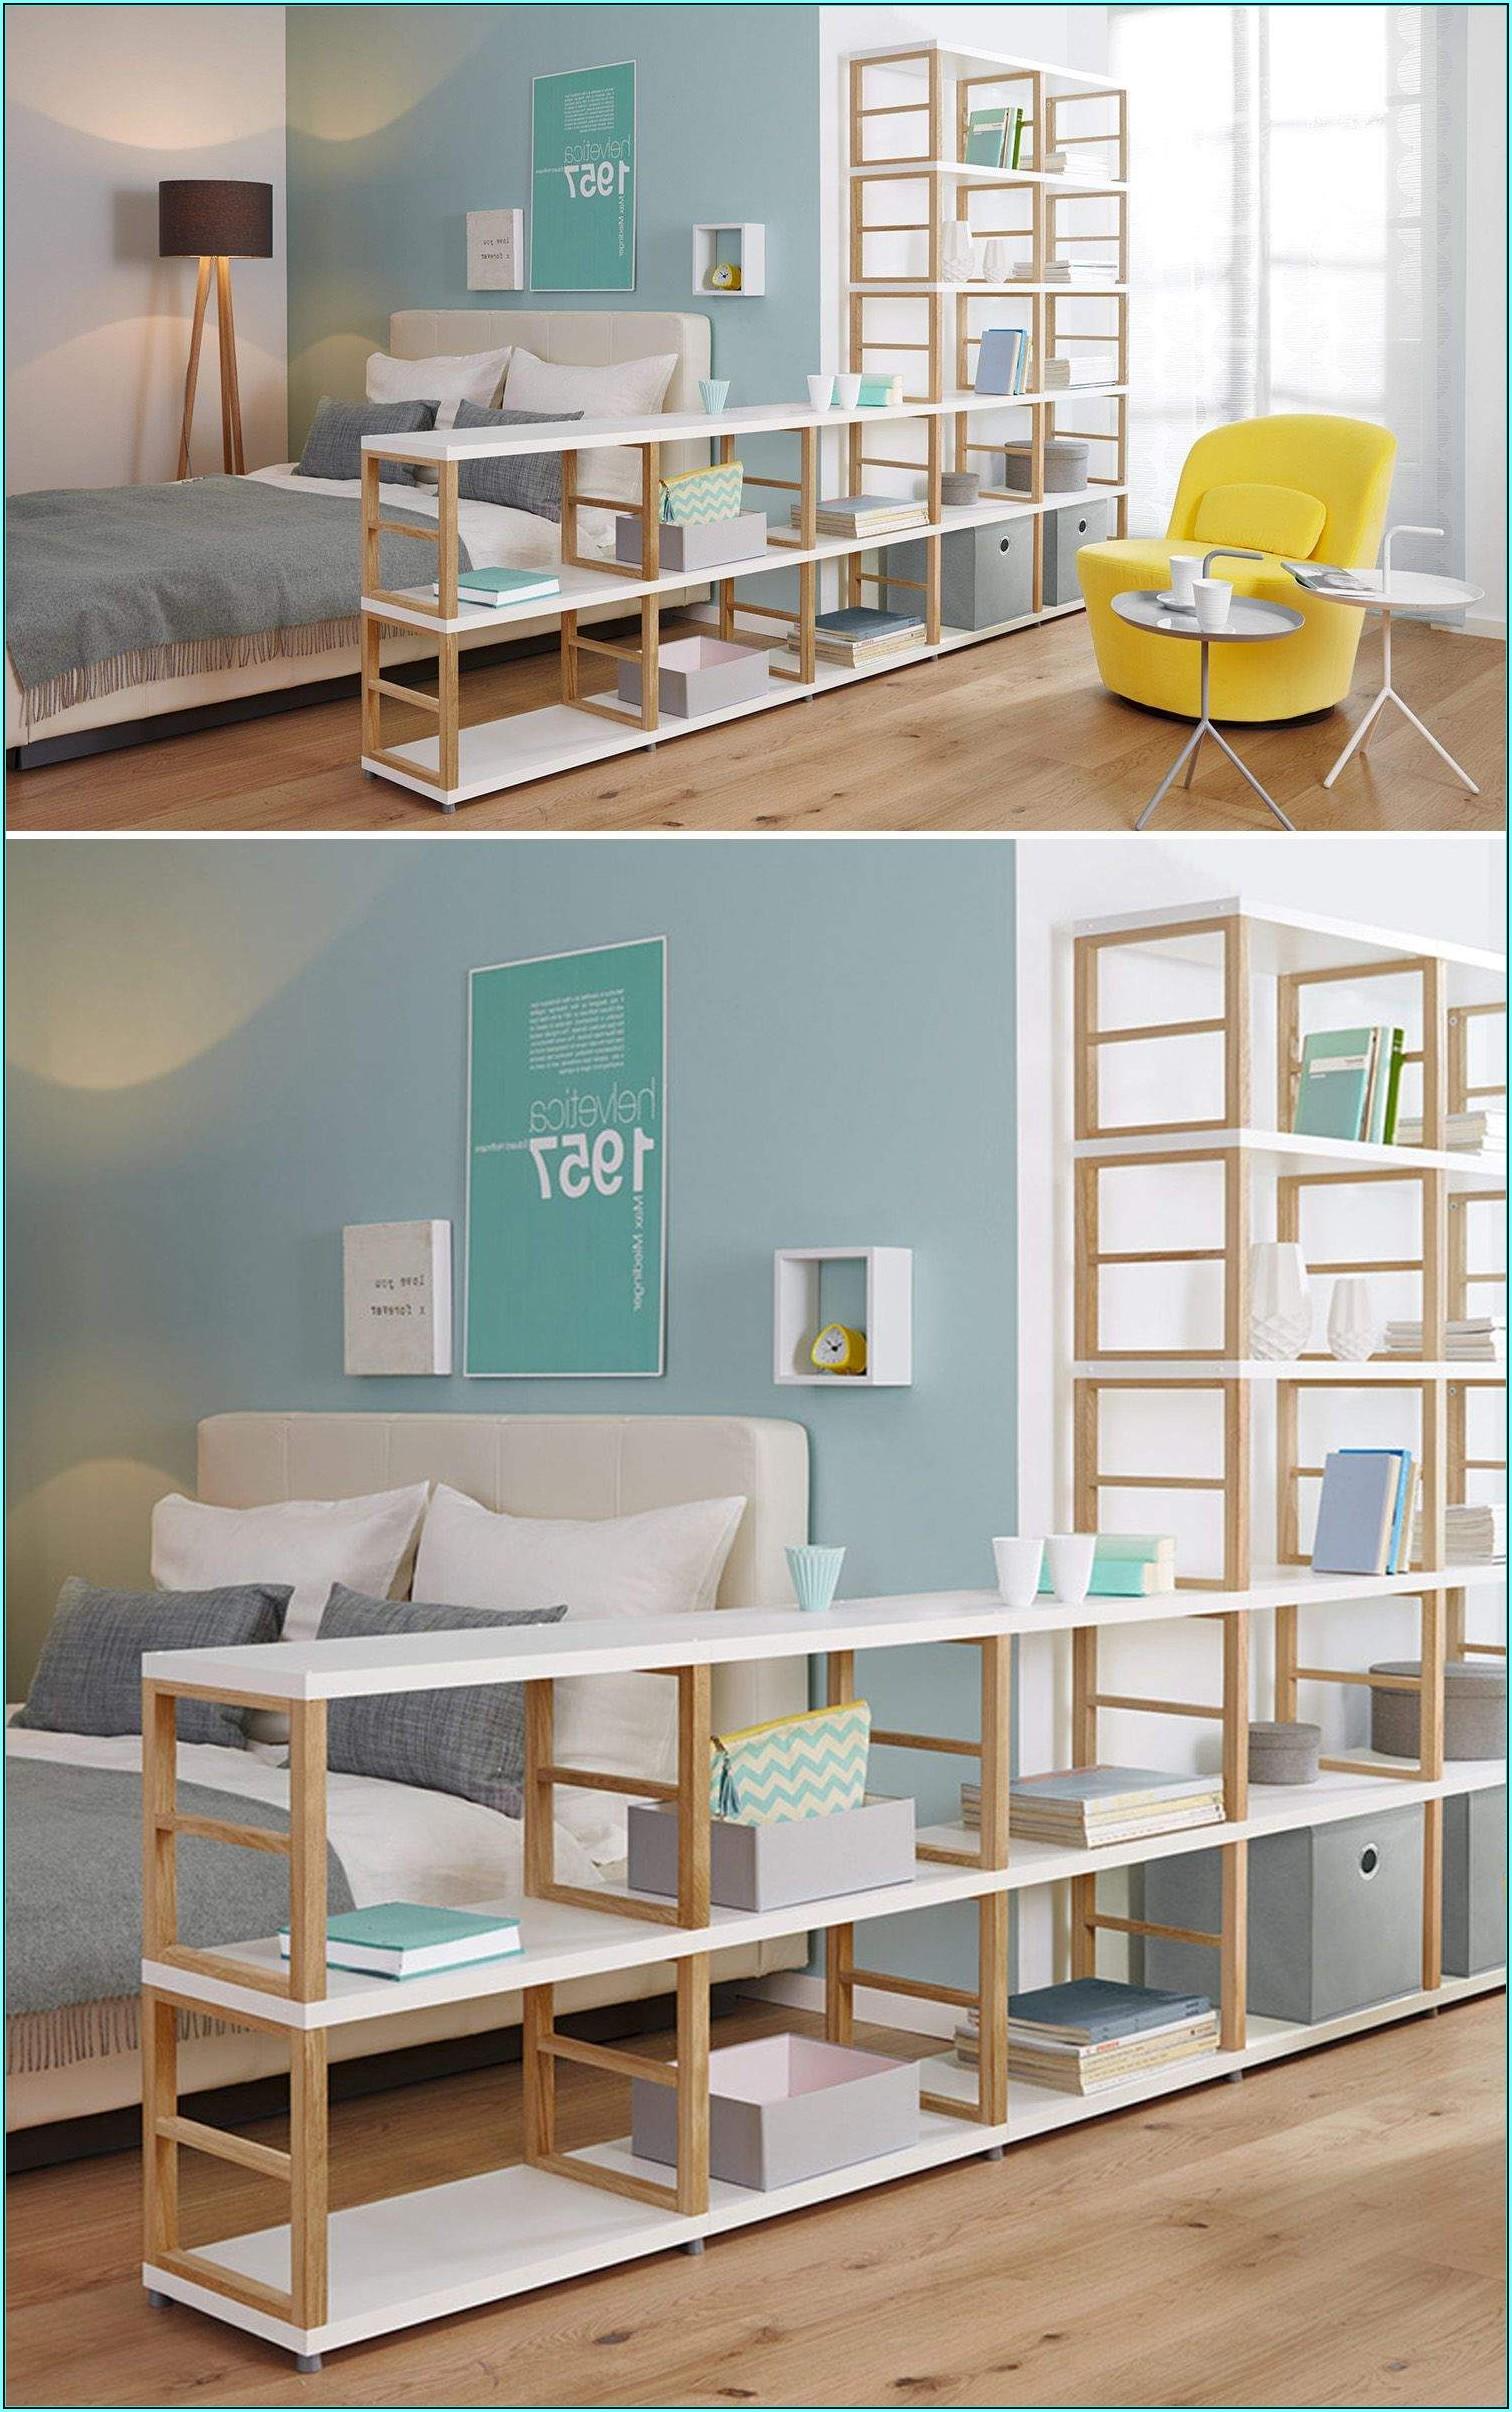 Trennwand Ideen Wohnzimmer